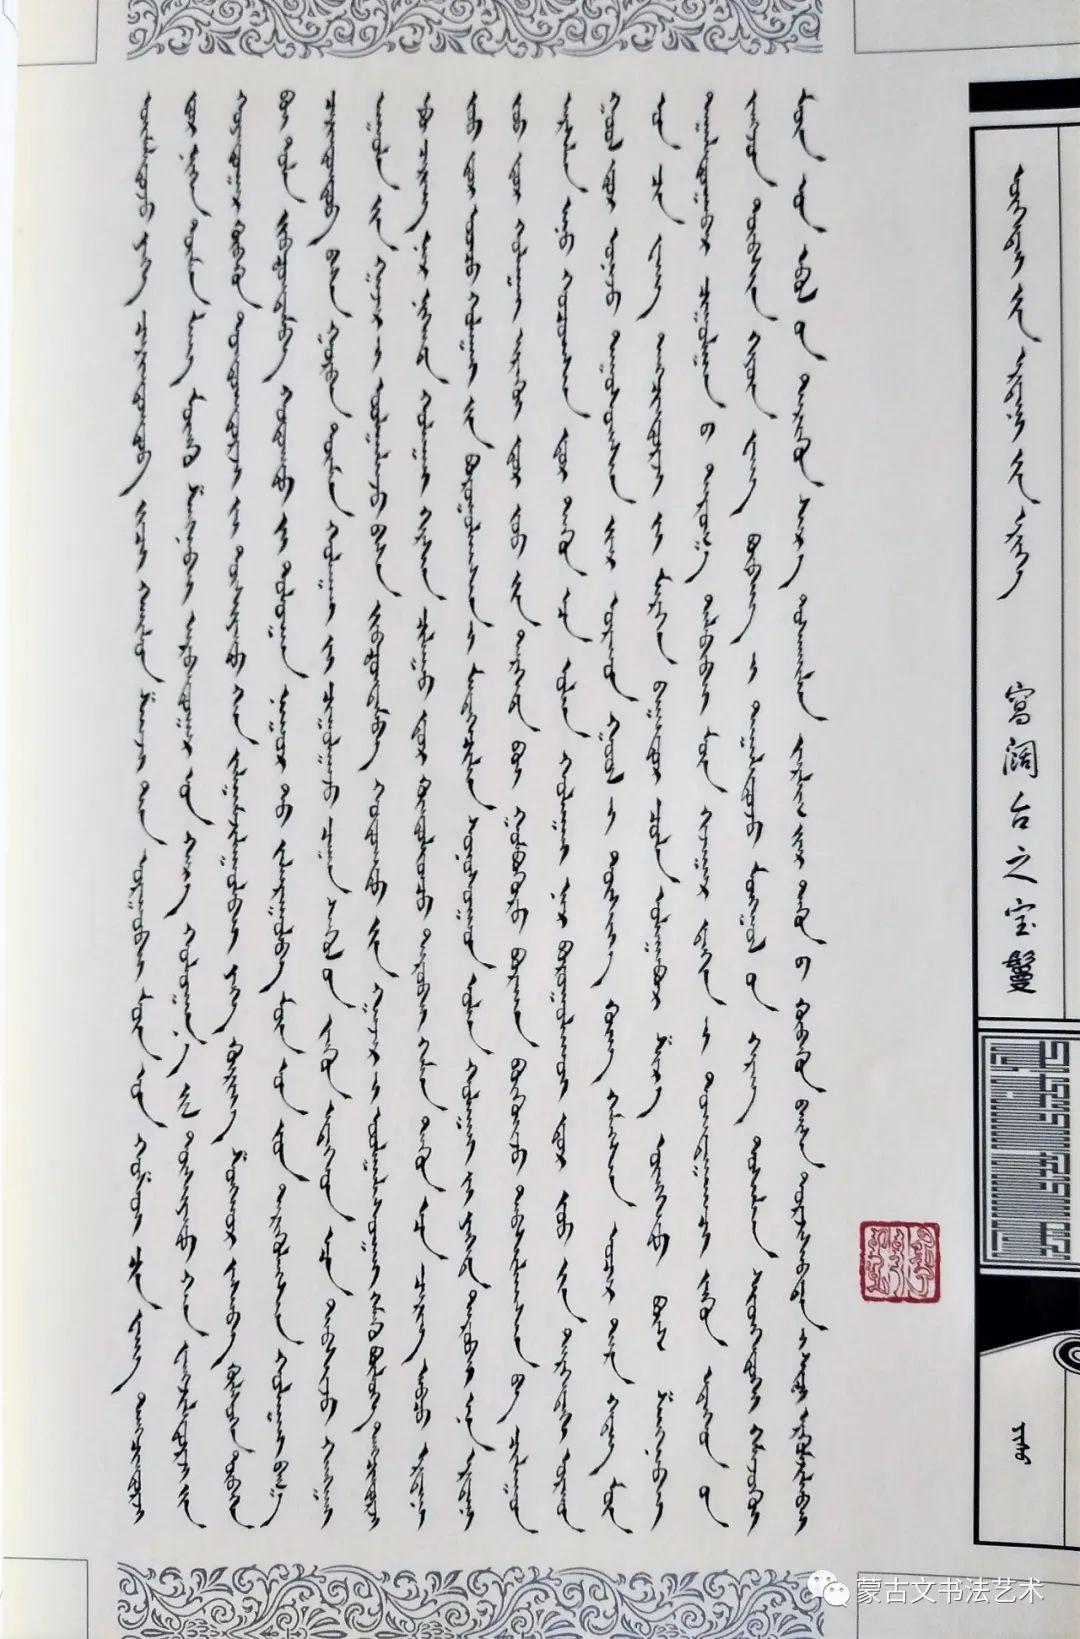 蒙古文经典文献当代书法名家手抄本之李金海《窝阔台之宝鬘》 第5张